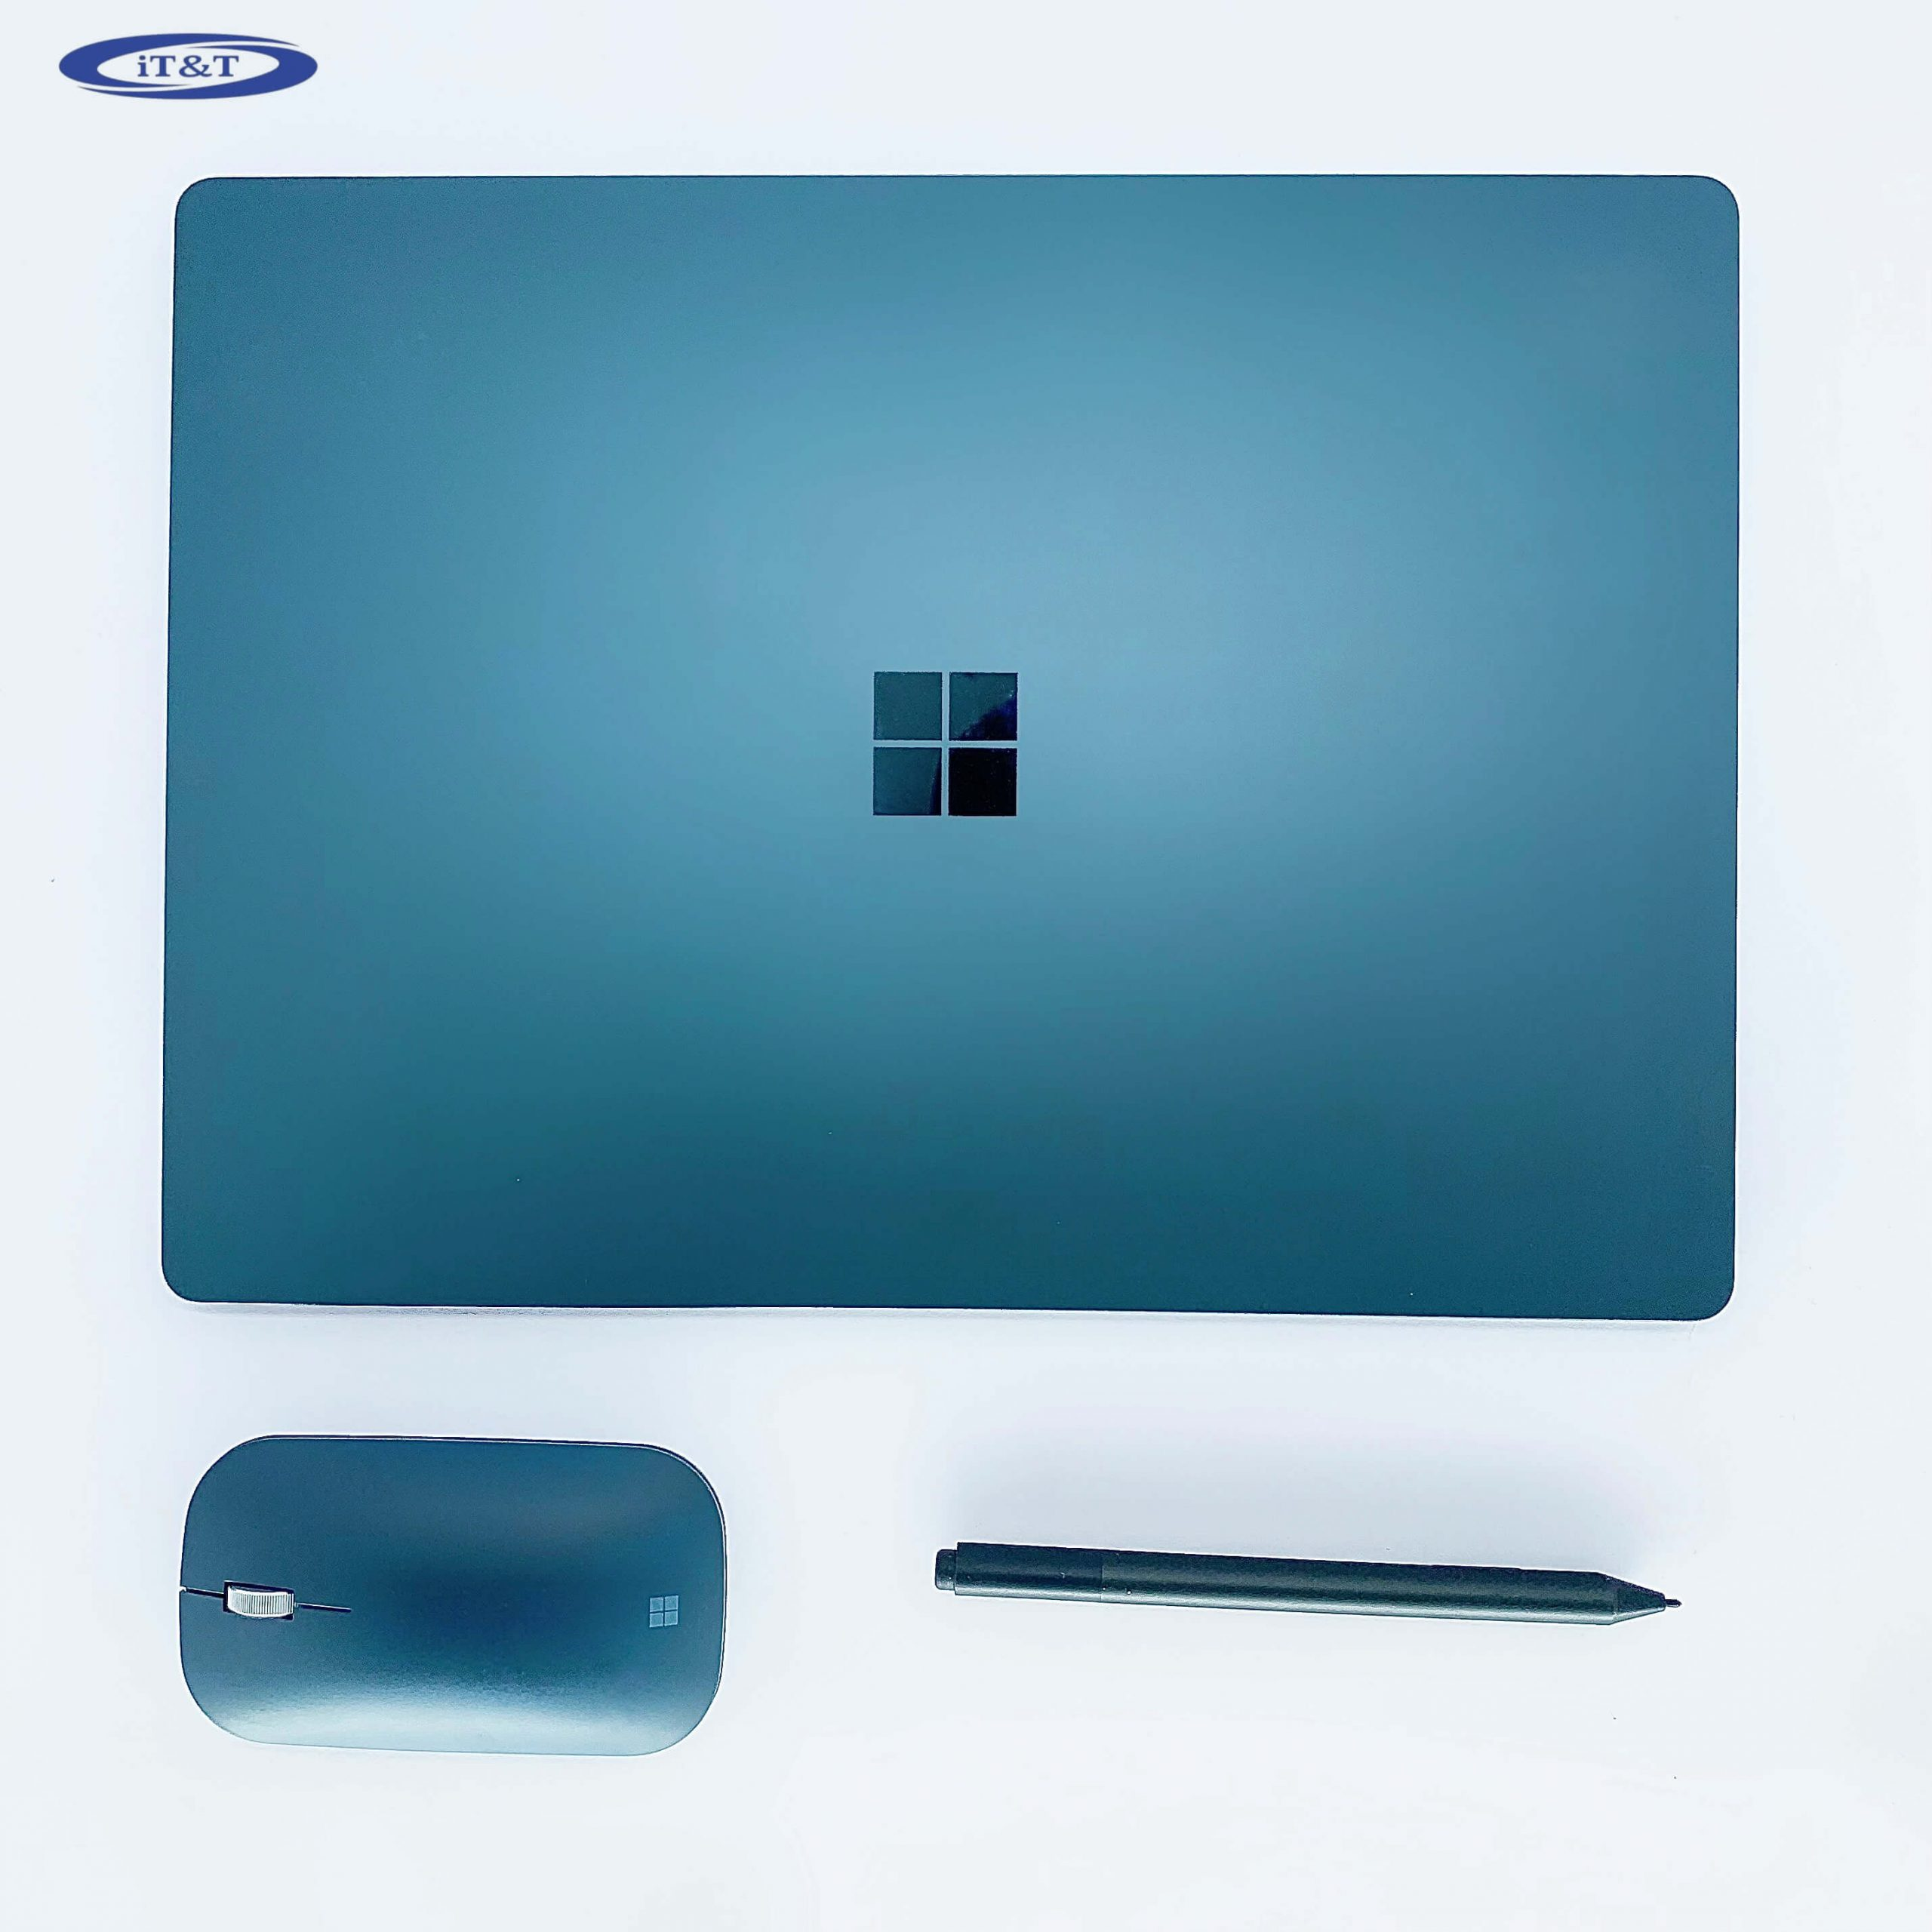 máy tính hiệu surface